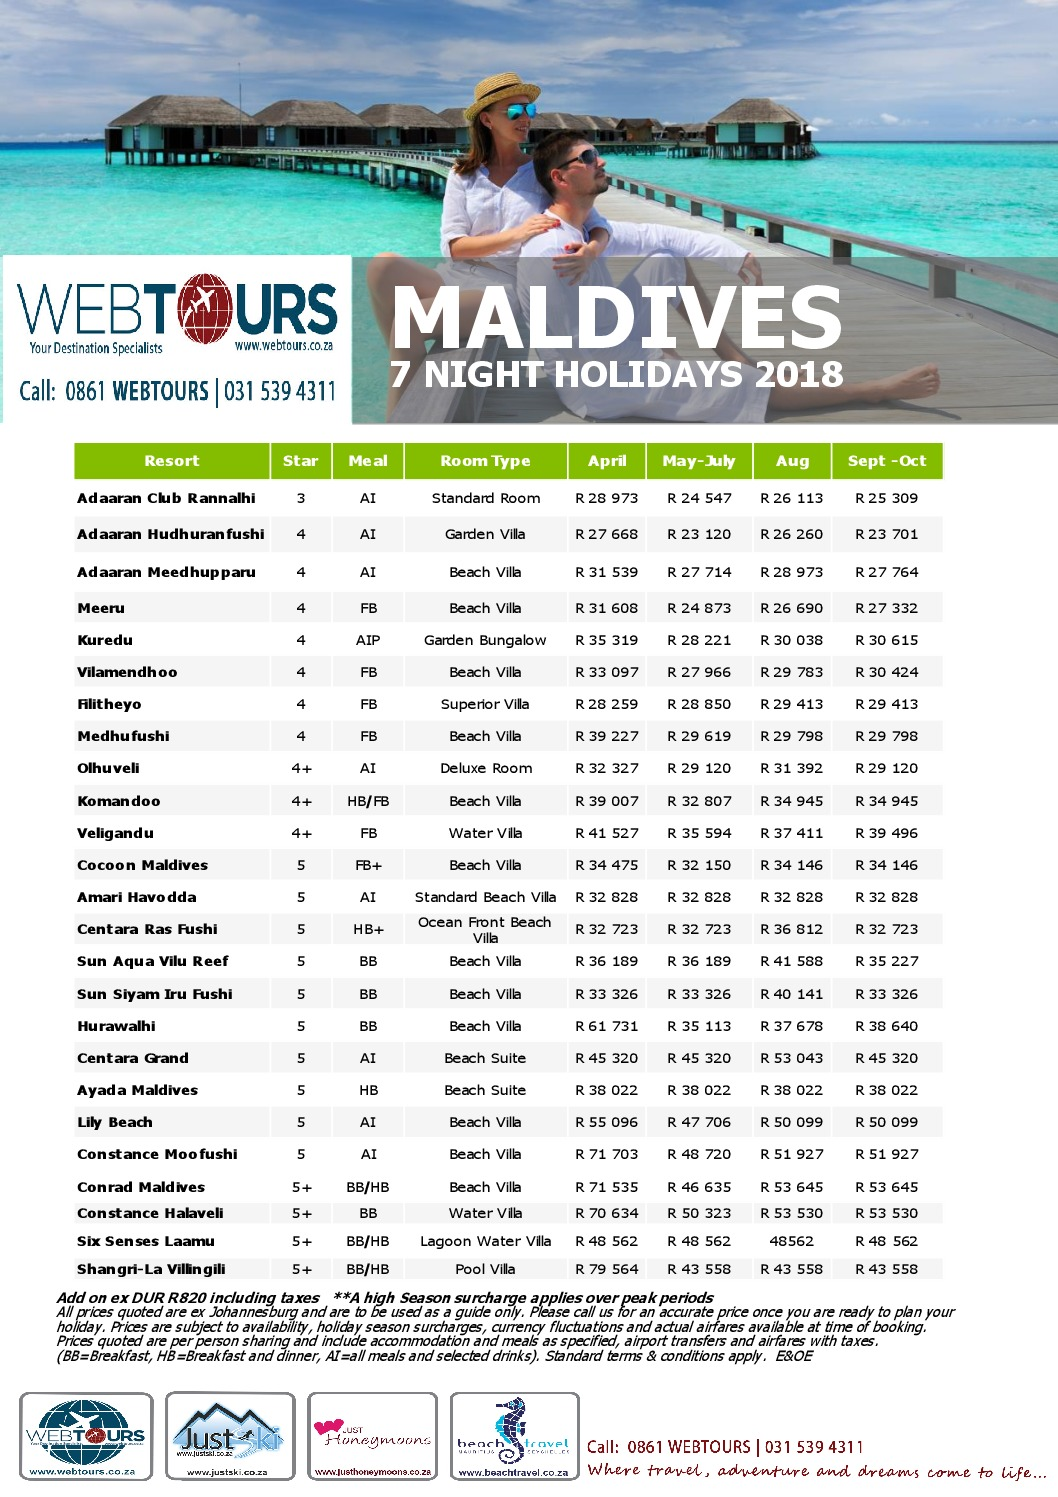 7 Nights Maldives, Valid until Oct '18